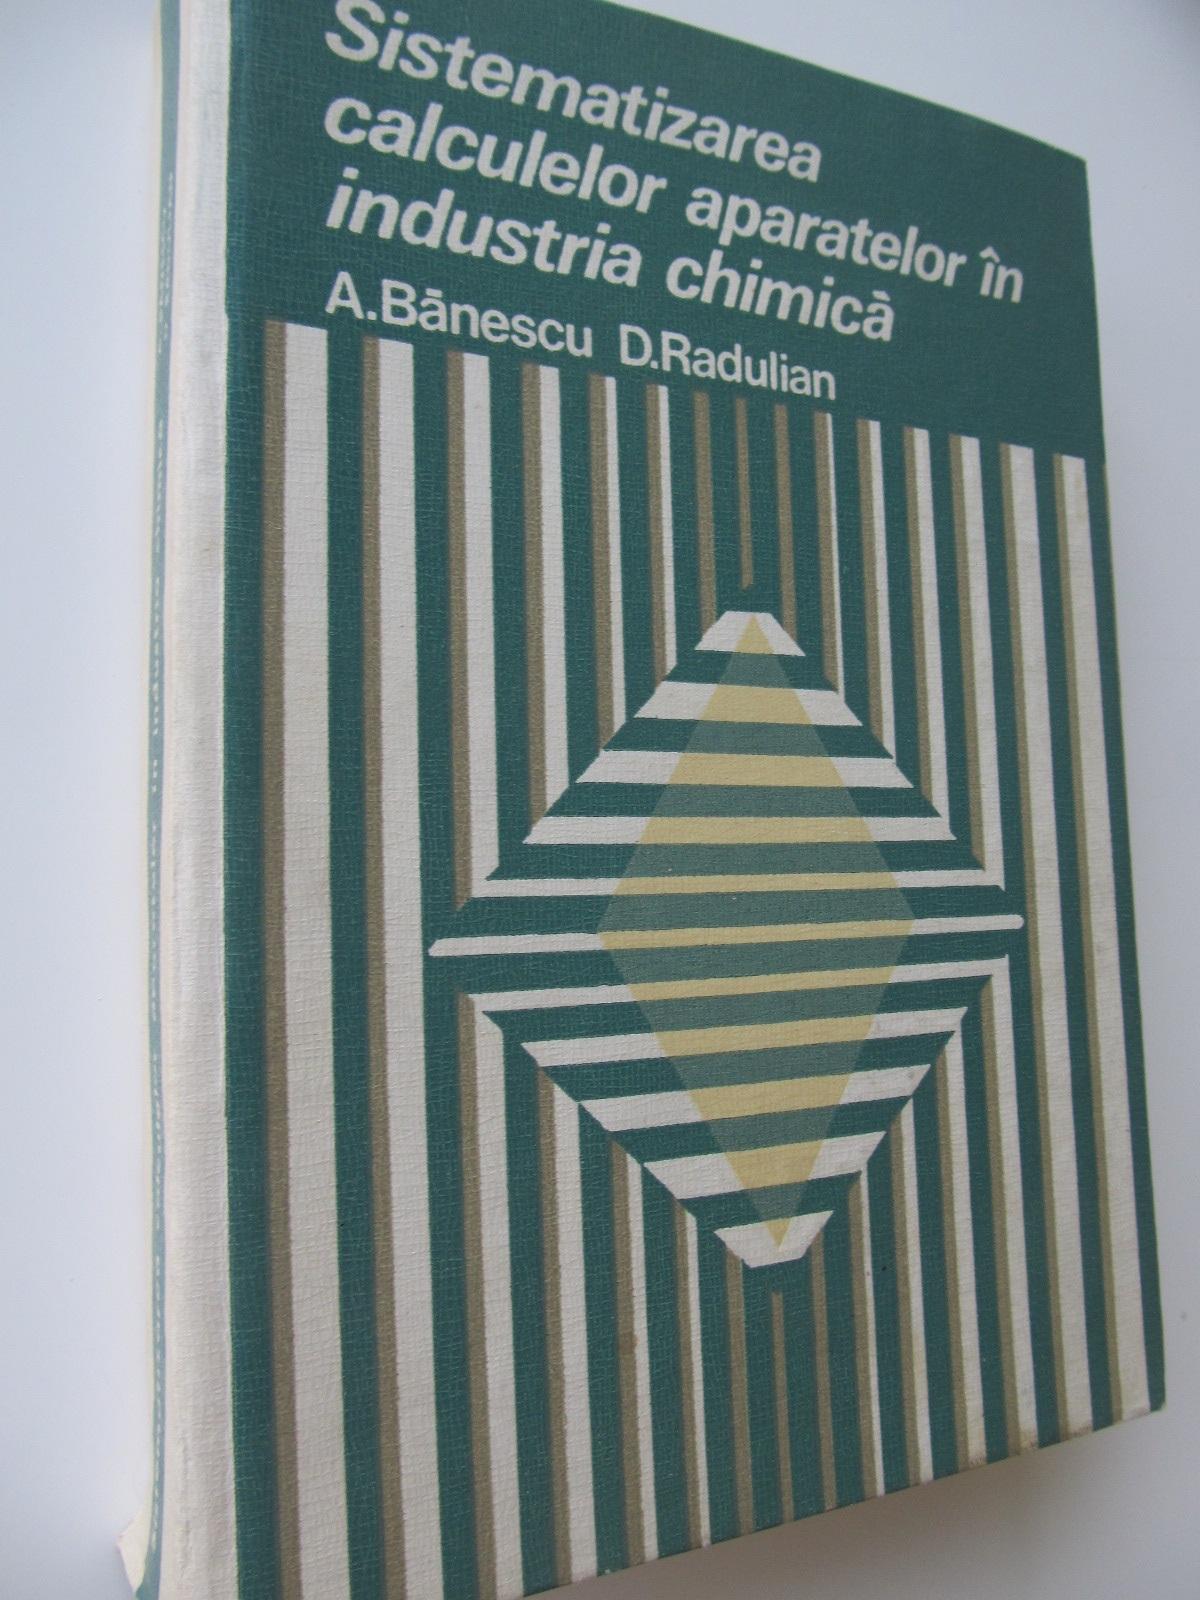 Sistematizarea calculelor aparatelor in industria chimica - A. Banescu , D. Radulian | Detalii carte